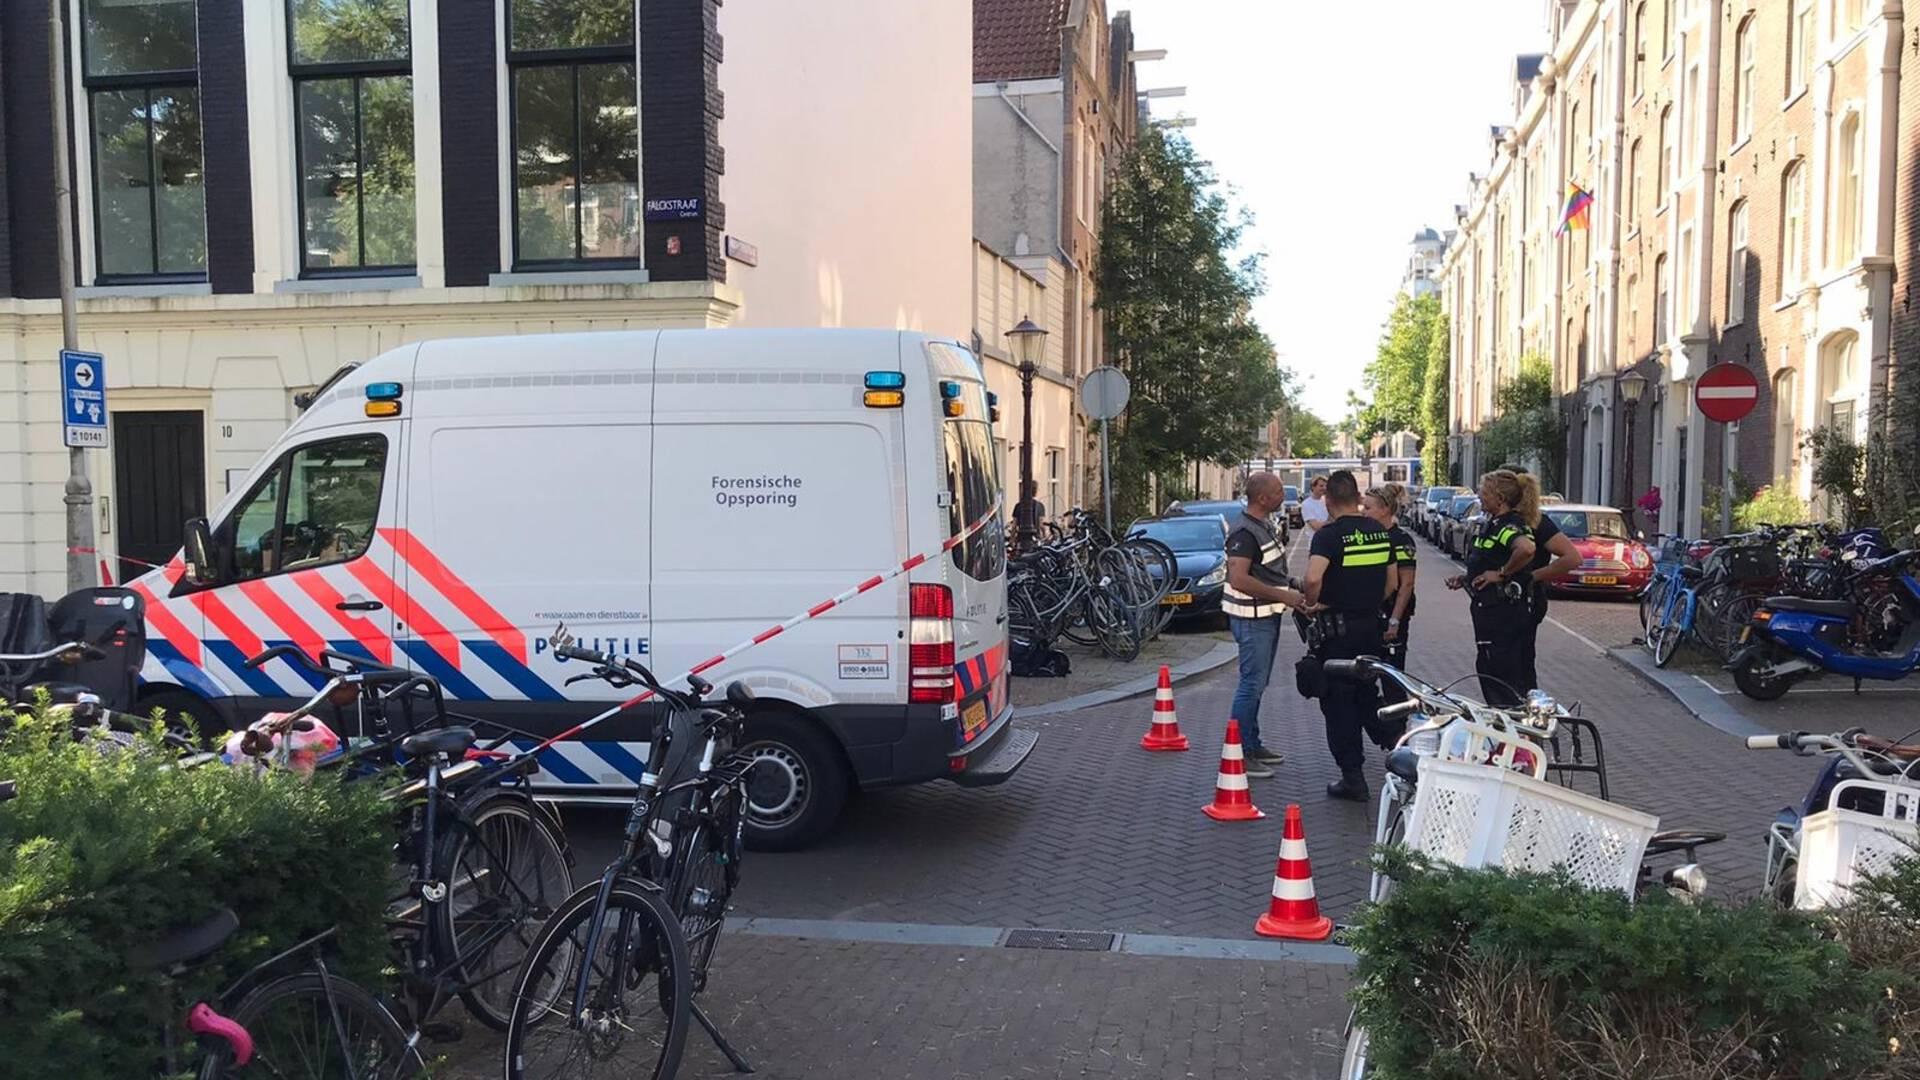 إطلاق النار على مكتب المحامي Jan-Hein Kuijpers في Amsterdam